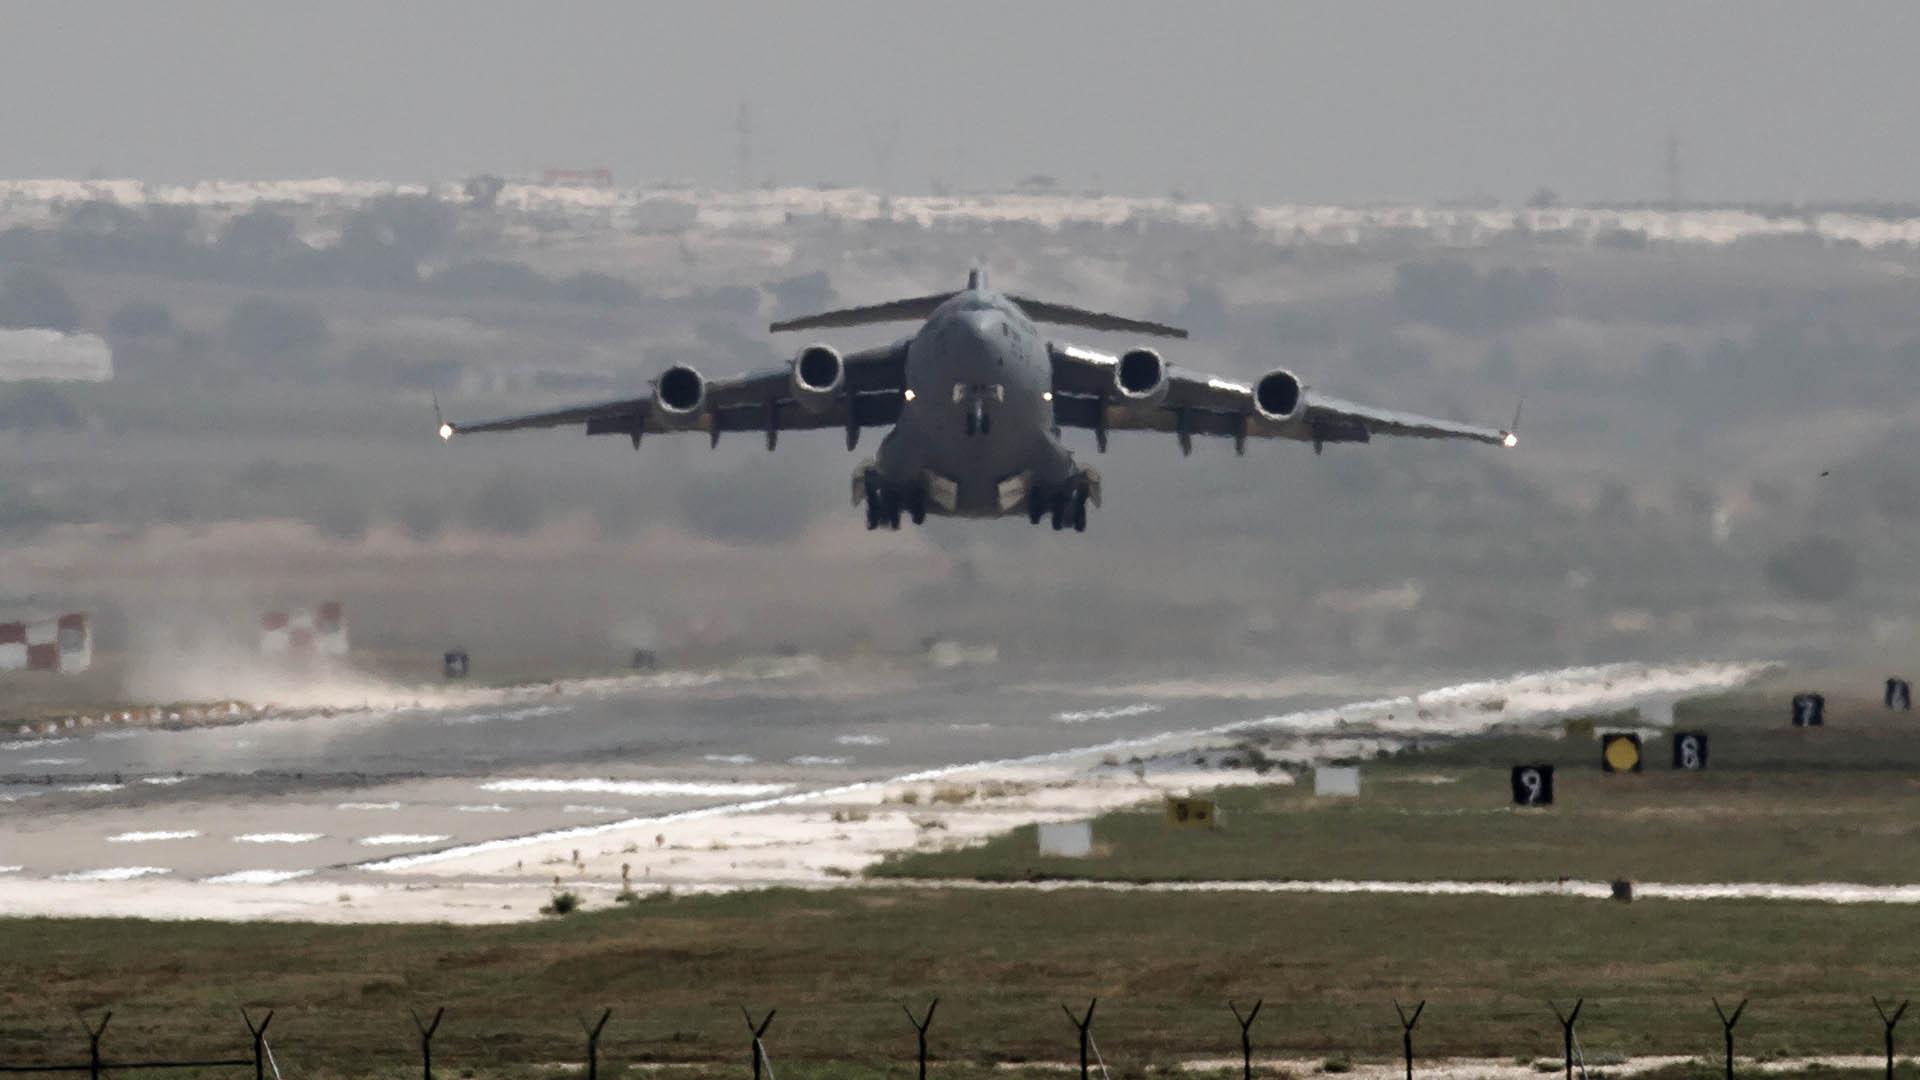 La Fuerza Aérea estadounidense probablemente mató a dos dirigentes de Al Qaeda mediante los ataques en contra del terrorismo